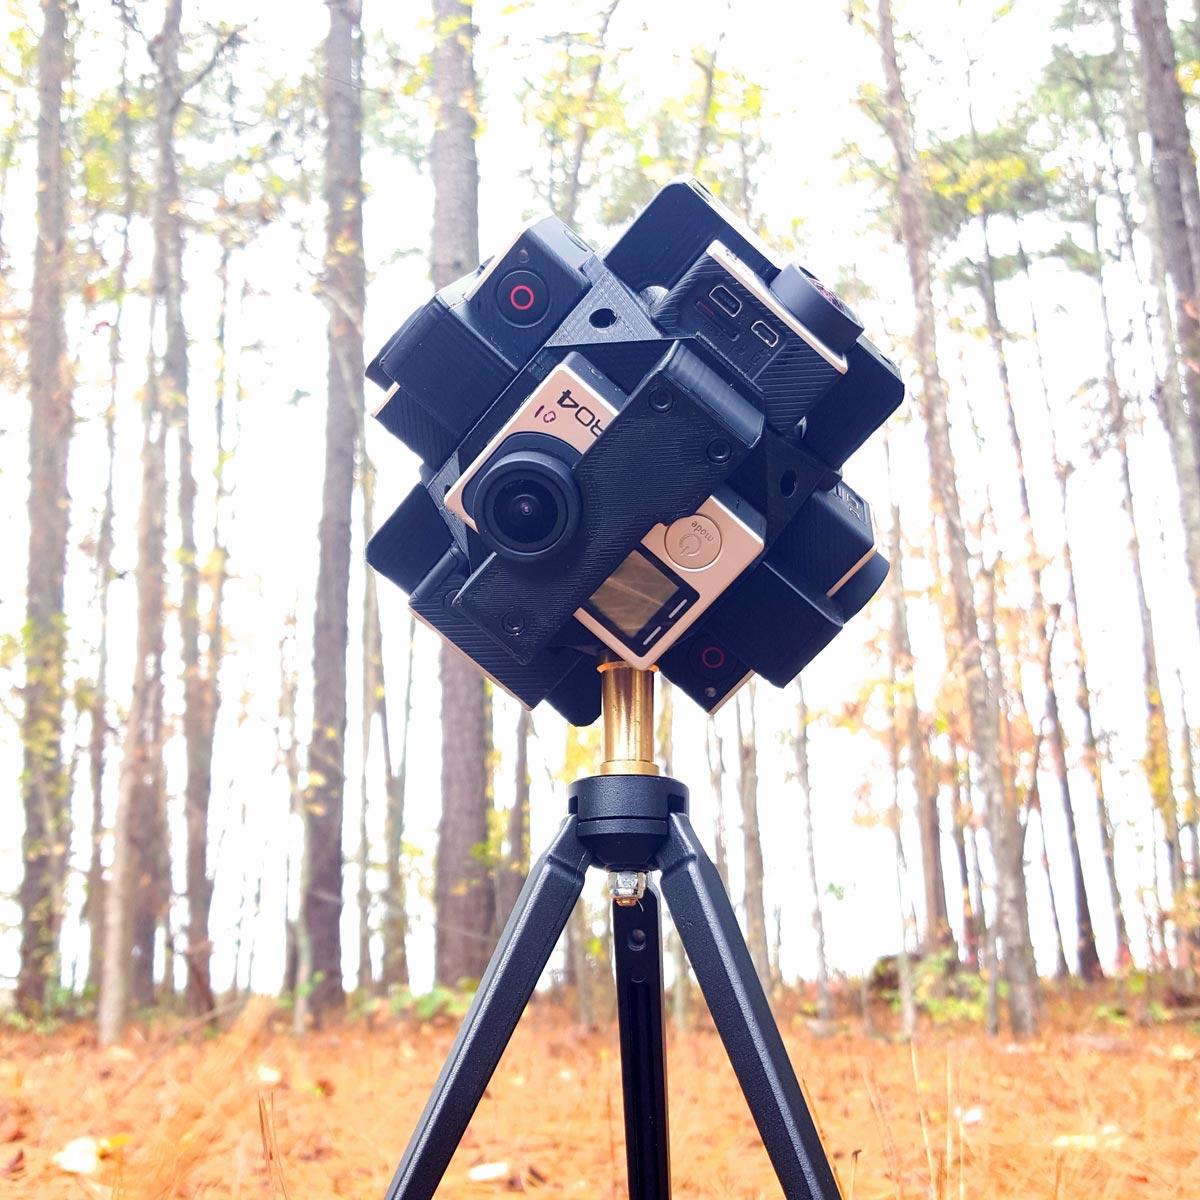 LEVR-6camera-360-rig.jpg